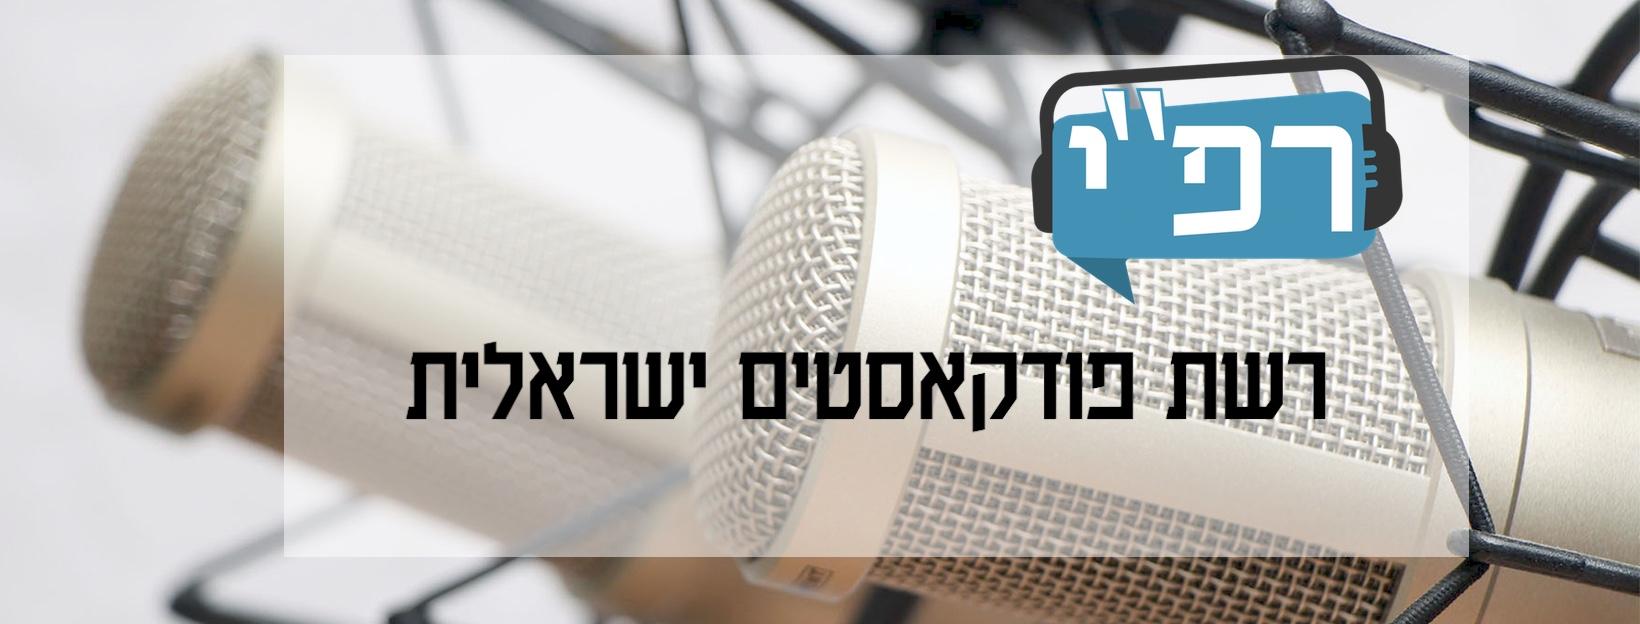 Facebook cover logo.jpg